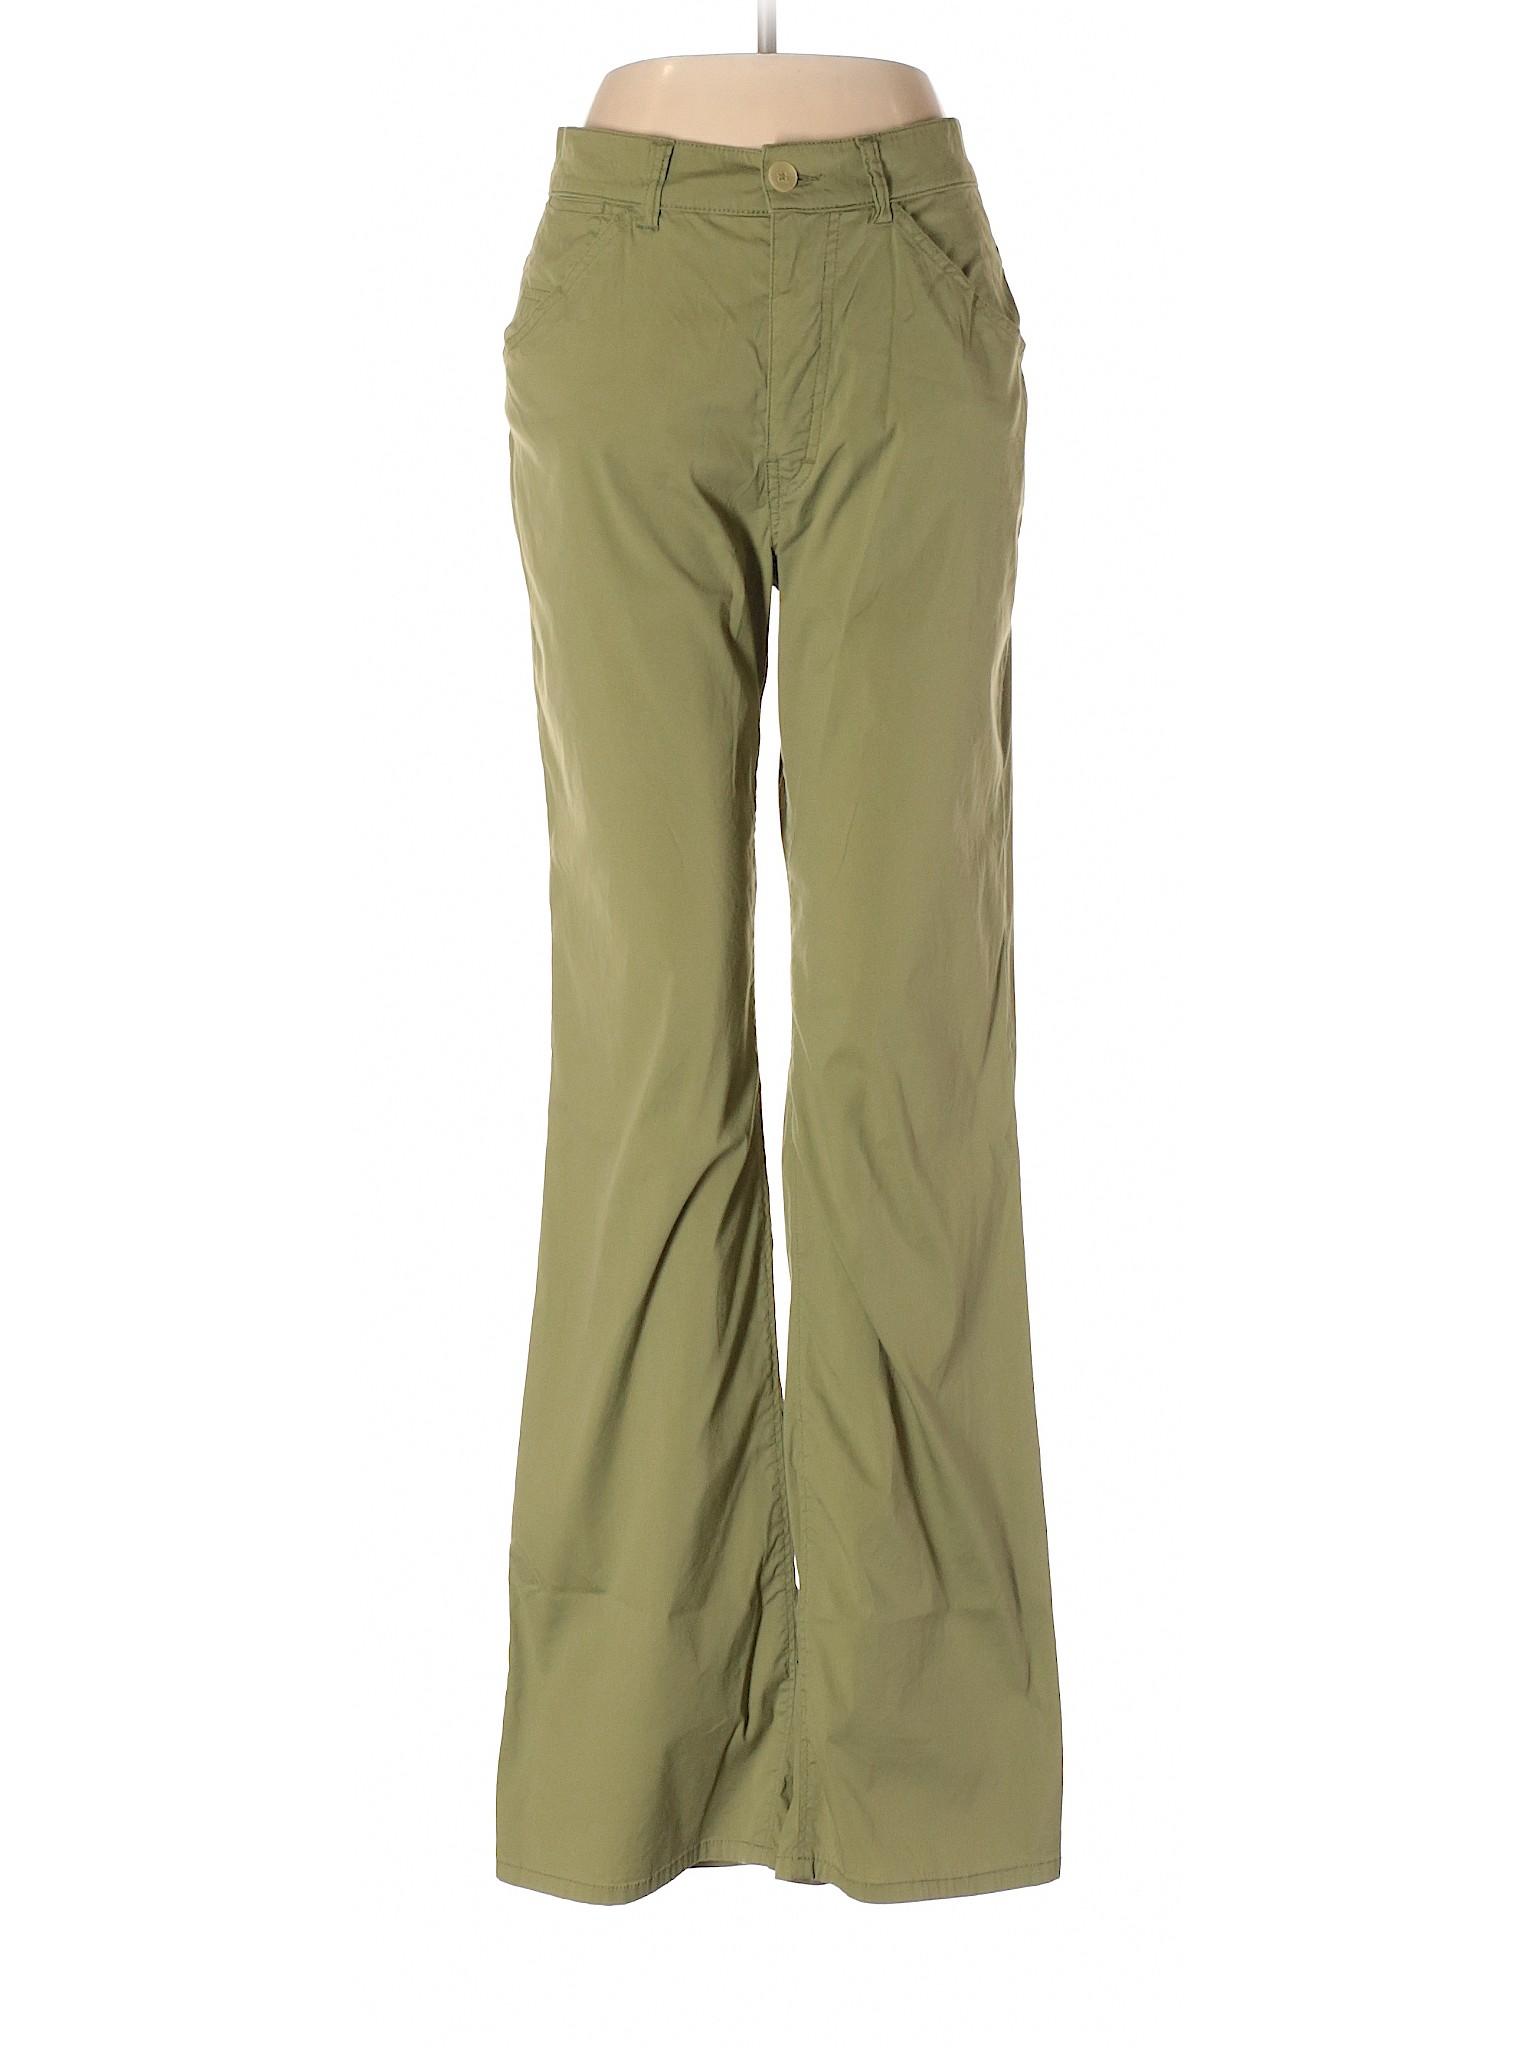 leisure Sander Boutique Casual Pants Jil AWURWq8d0